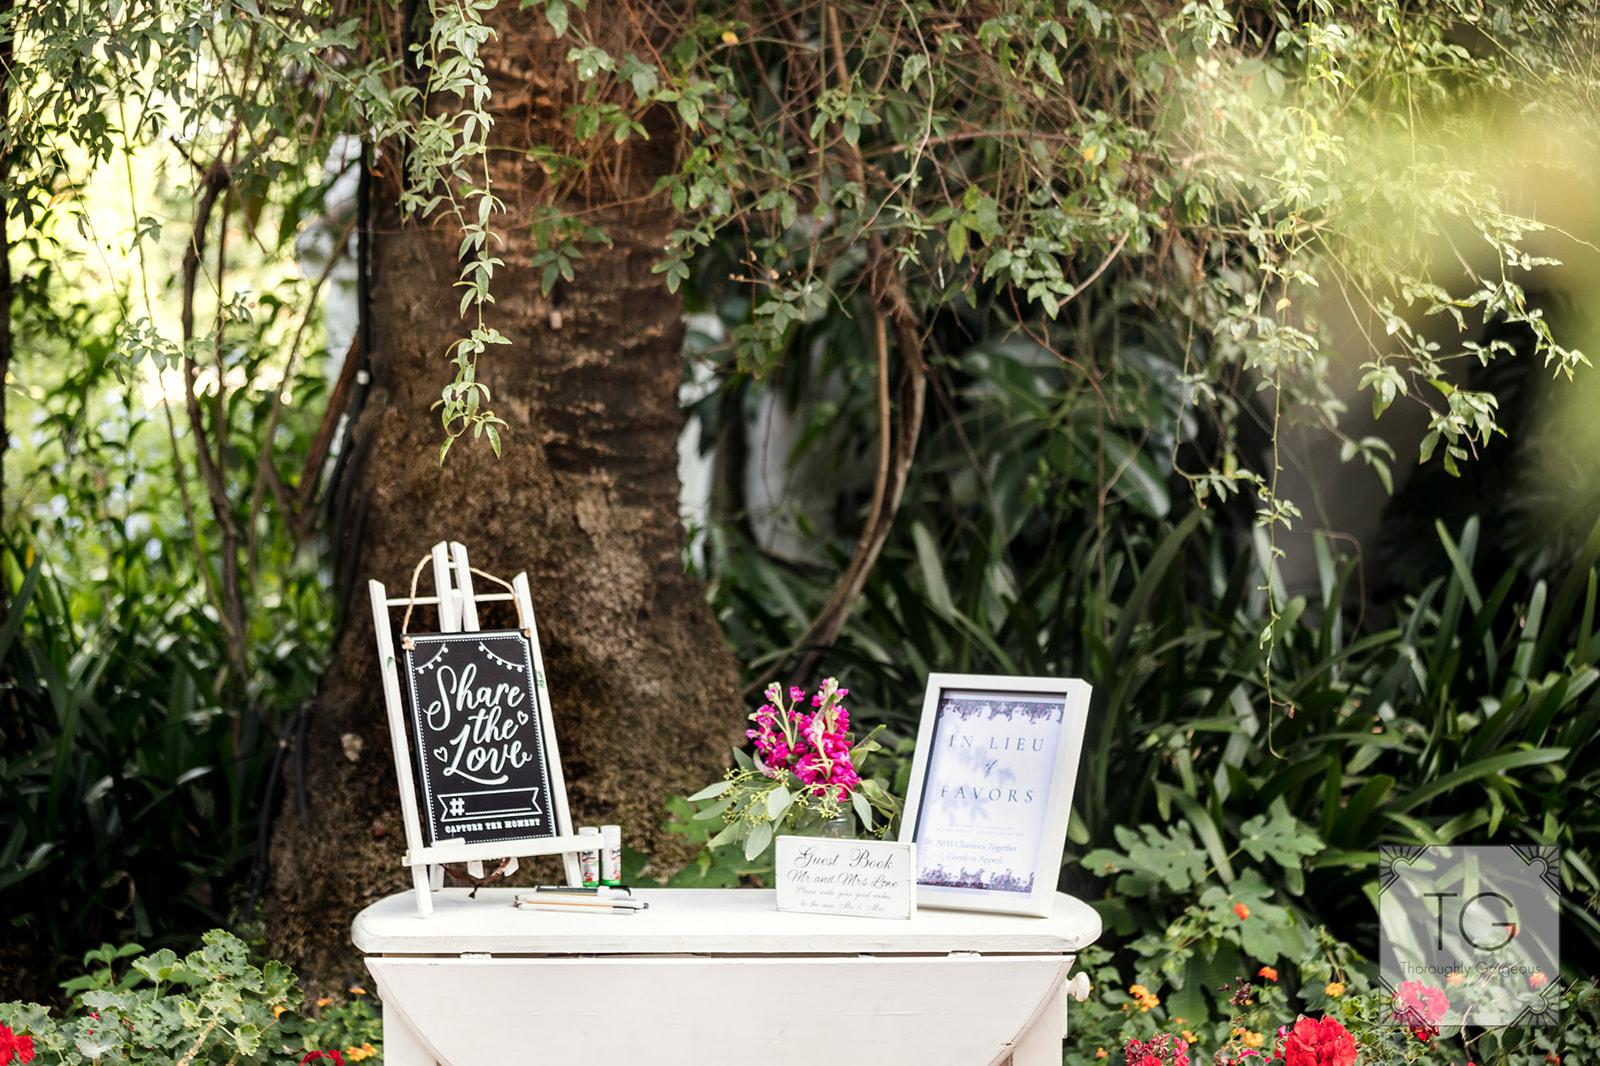 Decorative wedding signage